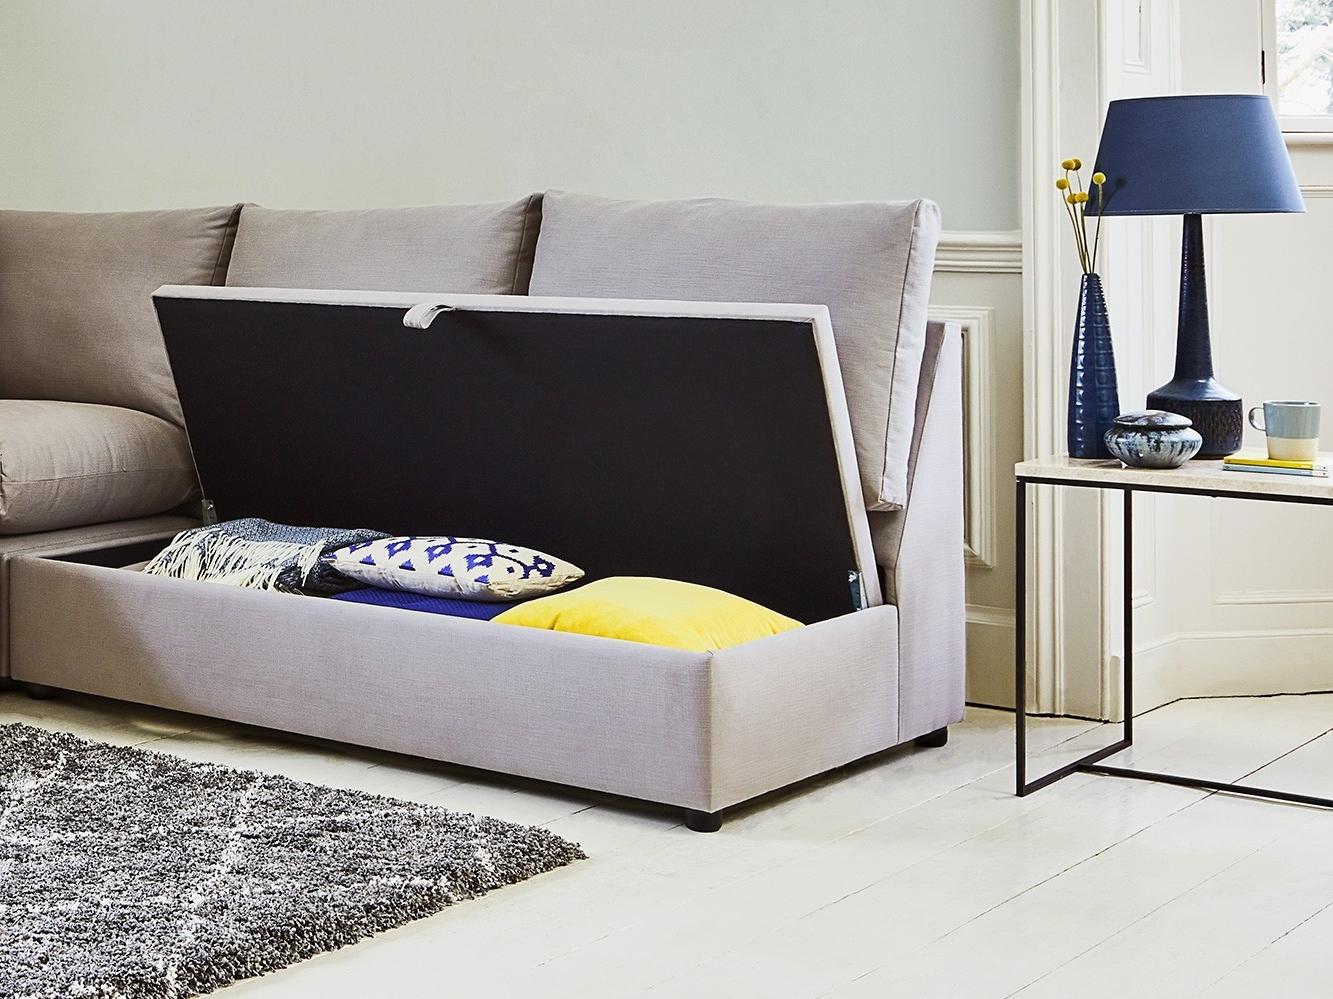 Newest The Minety Modular Chaise Storage Sofa Regarding Prato Storage Sectional Futon Sofas (View 21 of 25)